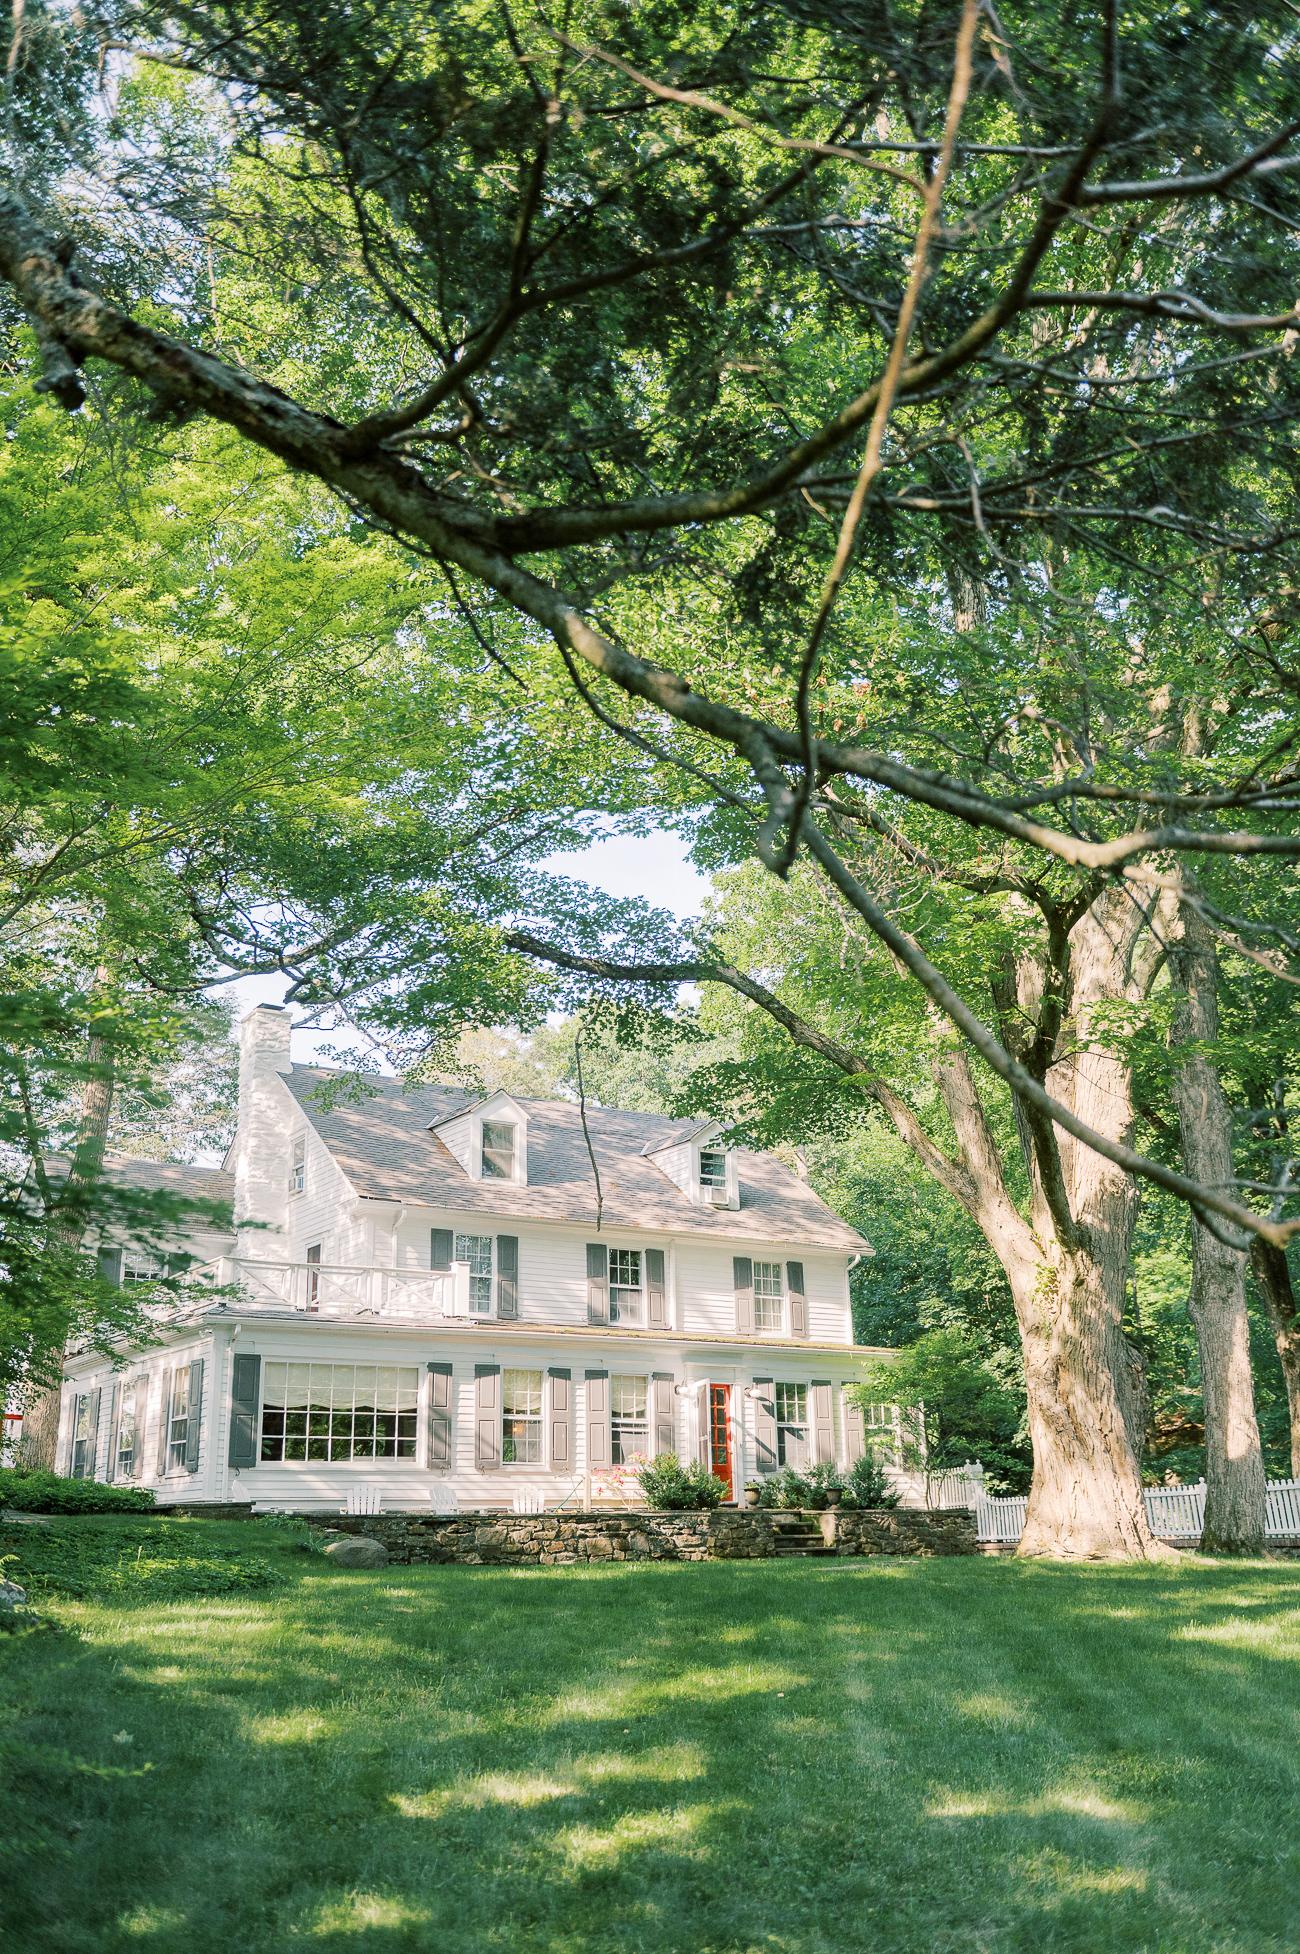 Lakewood Estate Farmhouse in Croton on Hudson New York